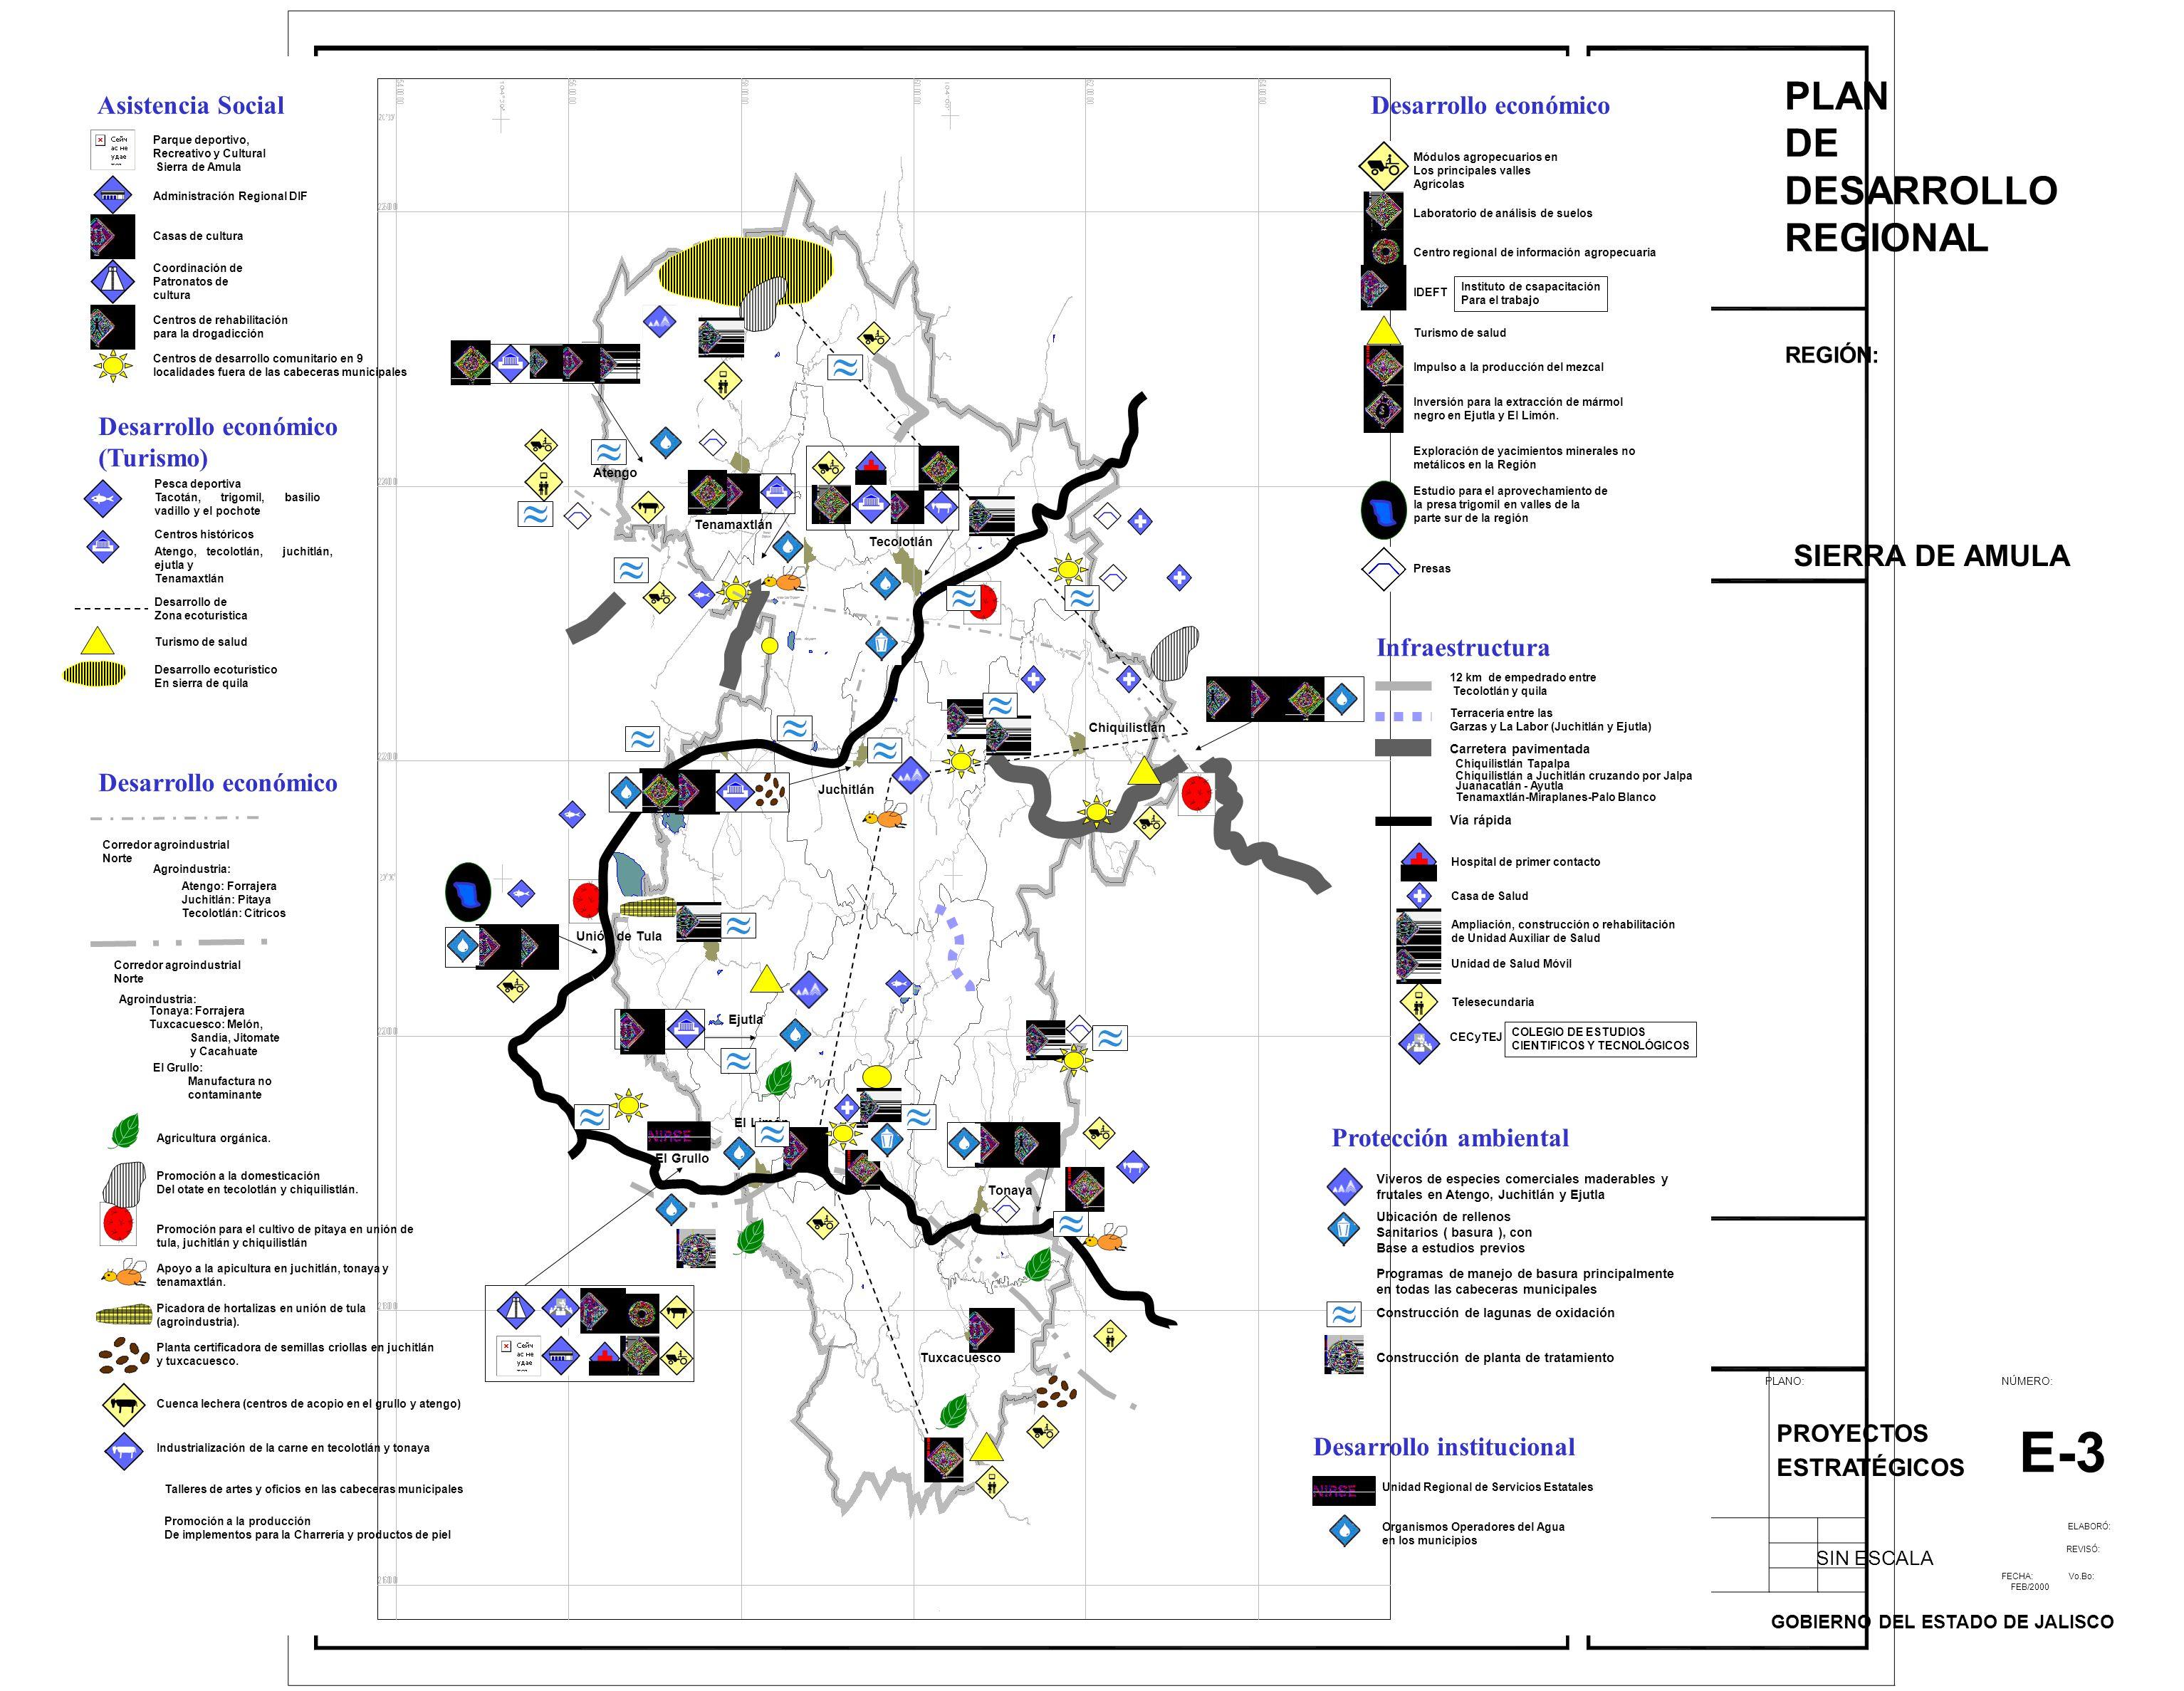 Atengo Unión de Tula Ejutla El Limón Tonaya El Grullo Tuxcacuesco PLAN DE DESARROLLO REGIONAL REGIÓN: SIERRA DE AMULA Parque deportivo, Recreativo y C